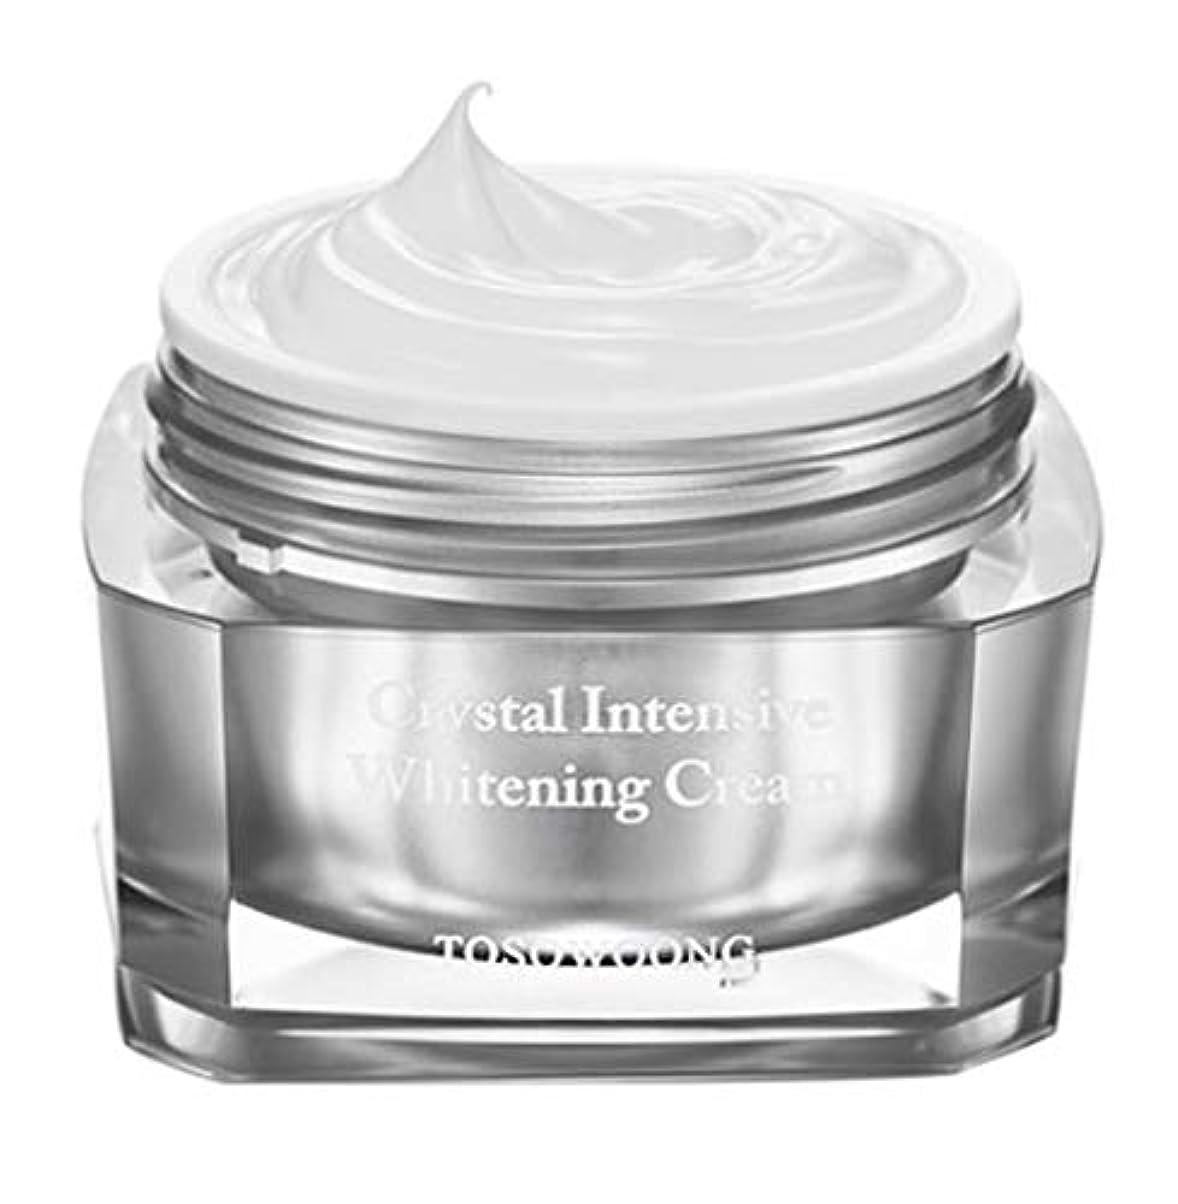 限定提供する離す[TOSOWOONG] Crystal Intensive Whitening Cream 50g / [トソウン] クリスタルインテンシヴホワイトニングクリーム 50g [並行輸入品]